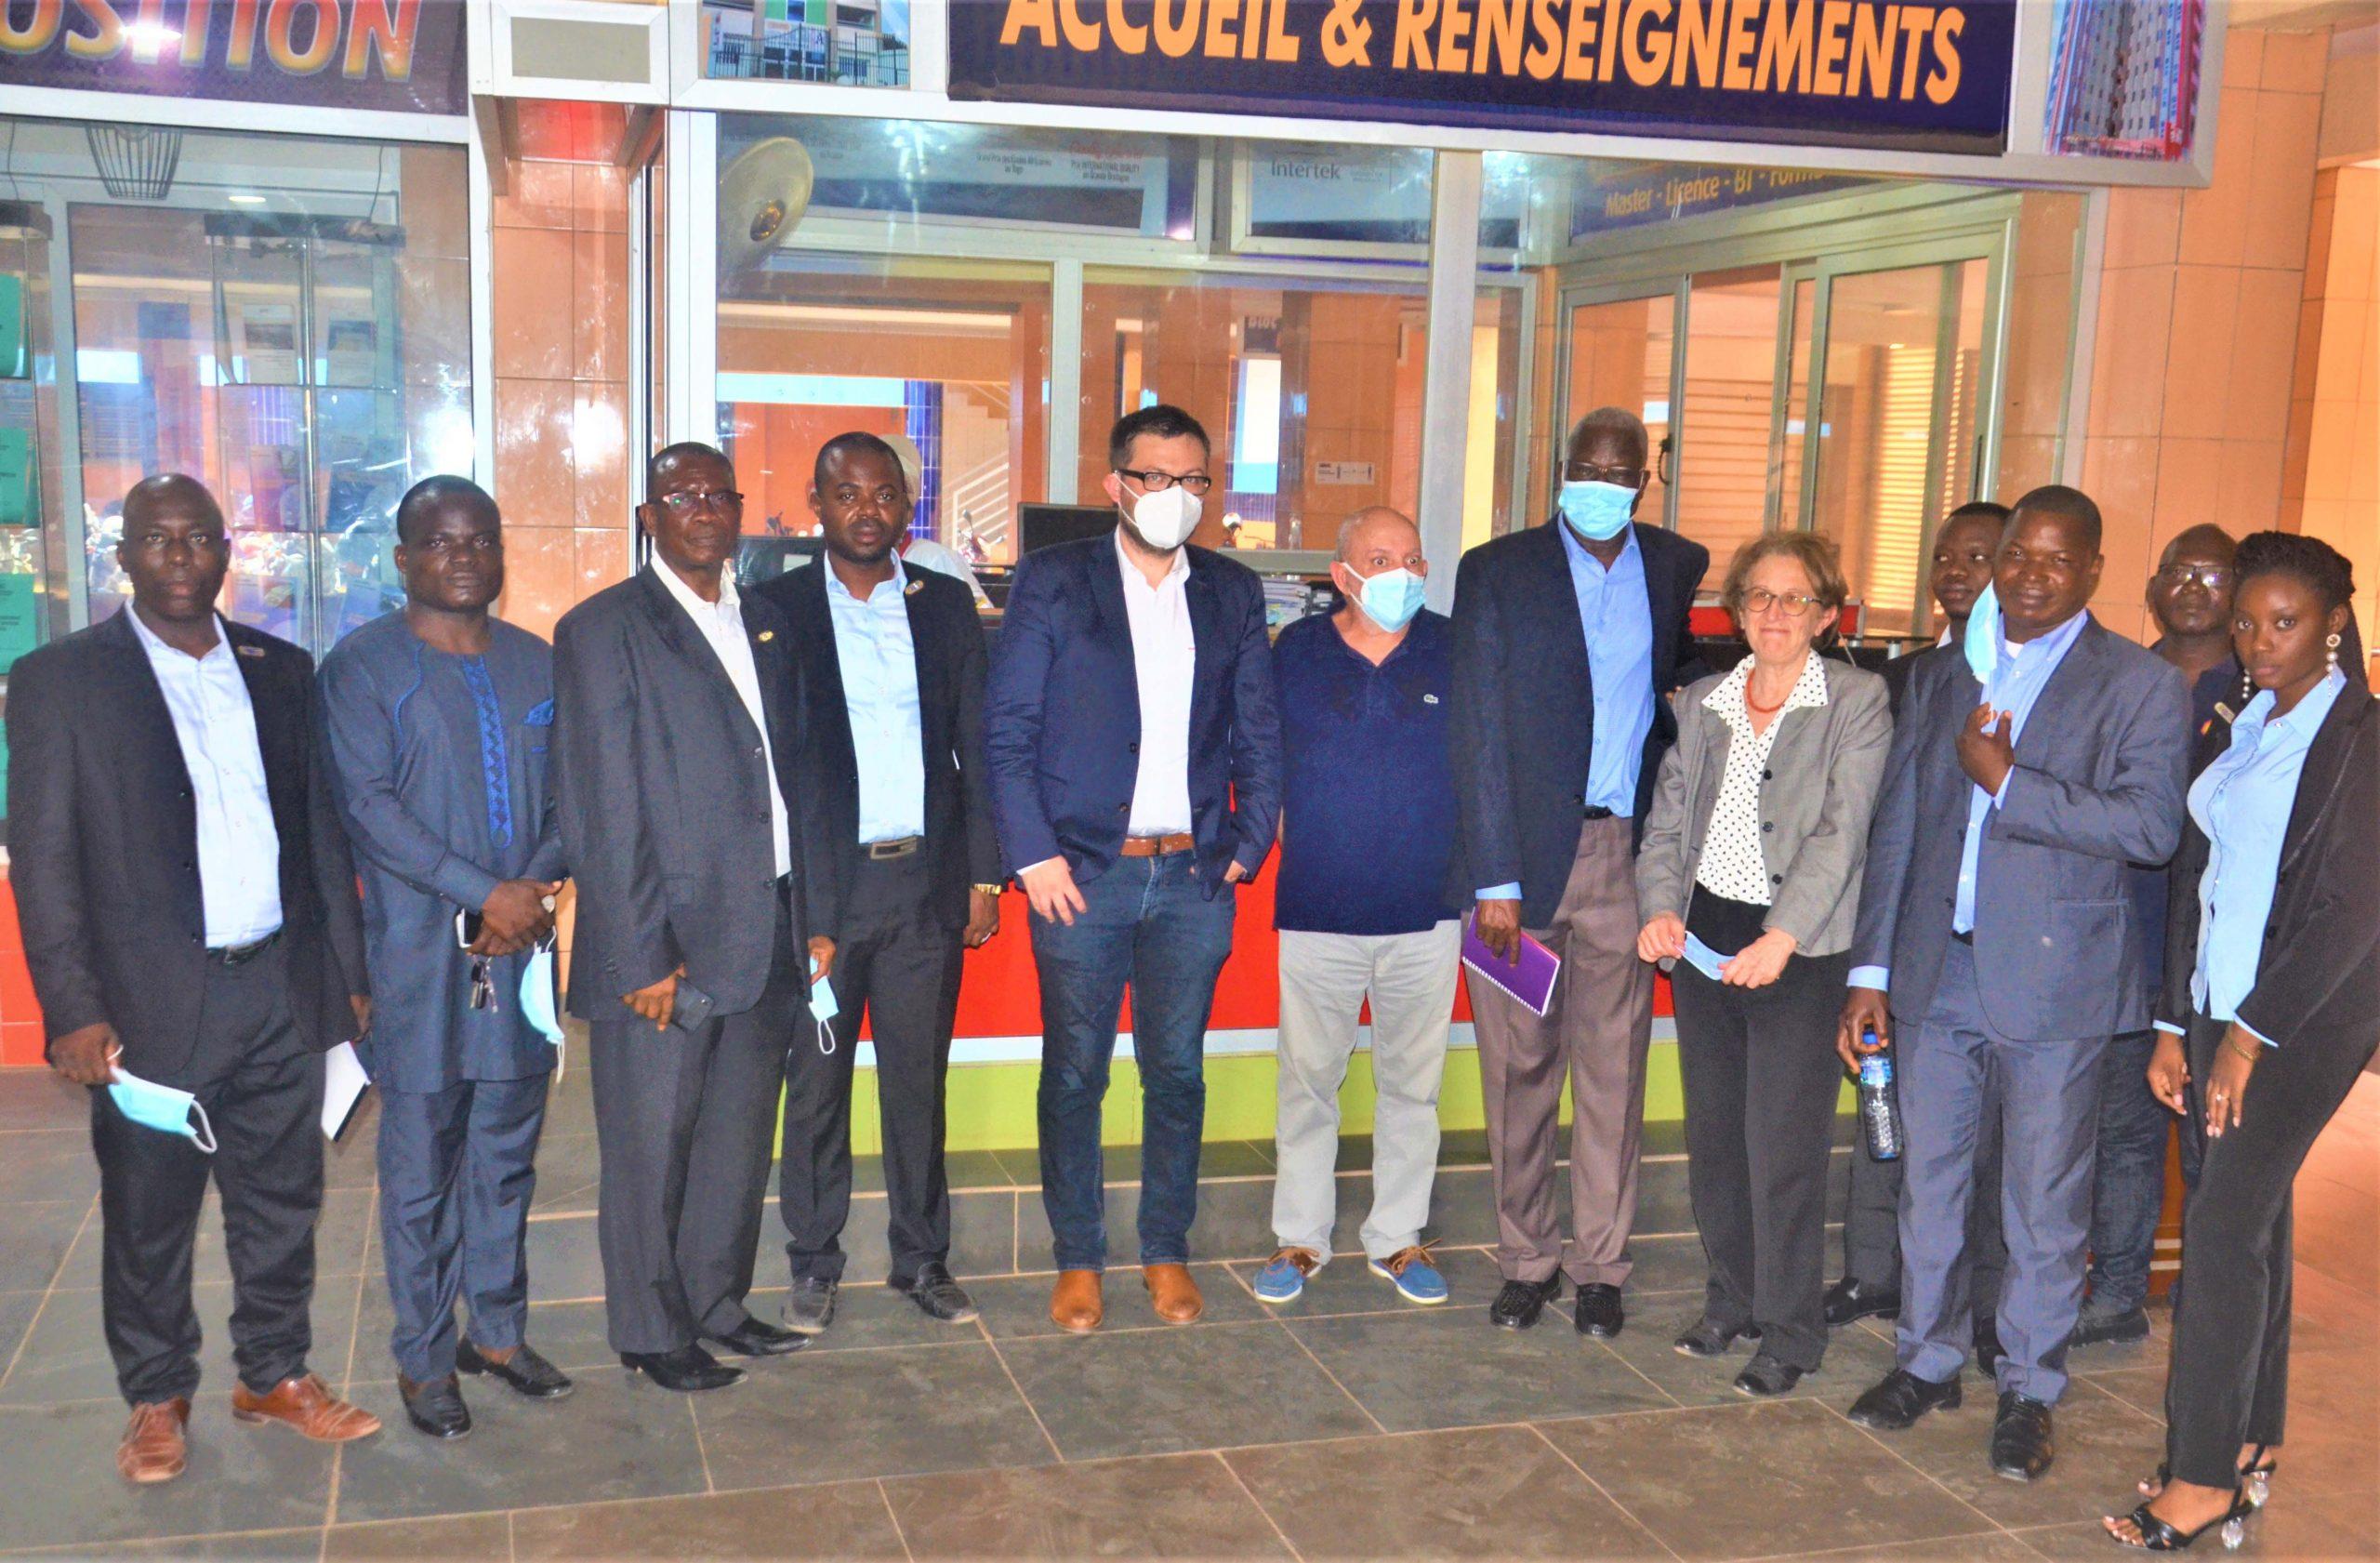 Séances de travail des cadres de FORMATEC avec des partenaires (délégation allemande) dans le cadre du projet SIFA, projet de financement de la construction d'un laboratoire de référence  dans la sous région à FORMATEC.